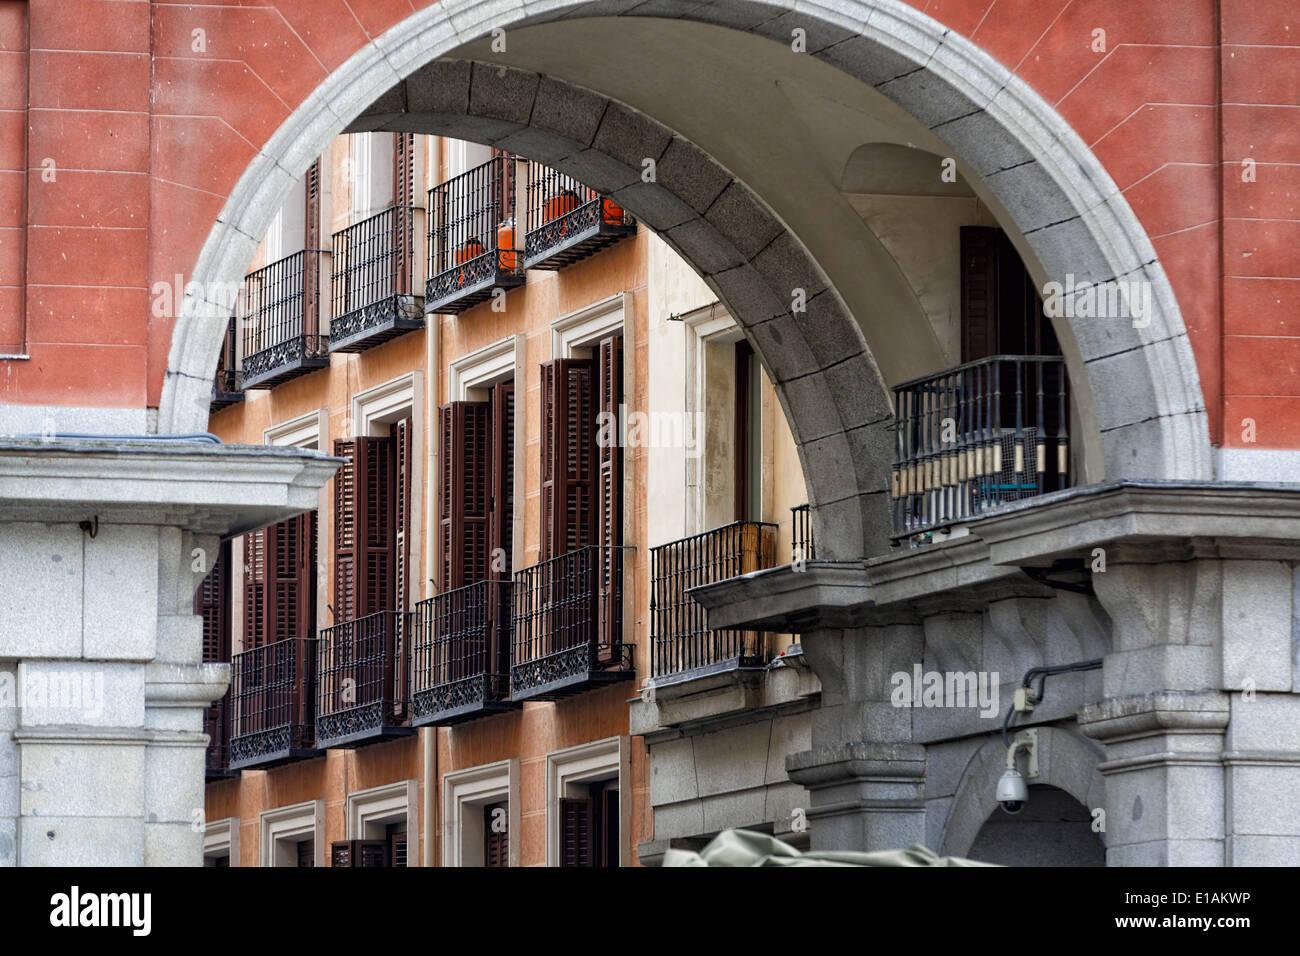 Balconi e finestre con persiane osservata attraverso un arco di un edificio, Plaza Mayor, Madrid, Spagna Immagini Stock